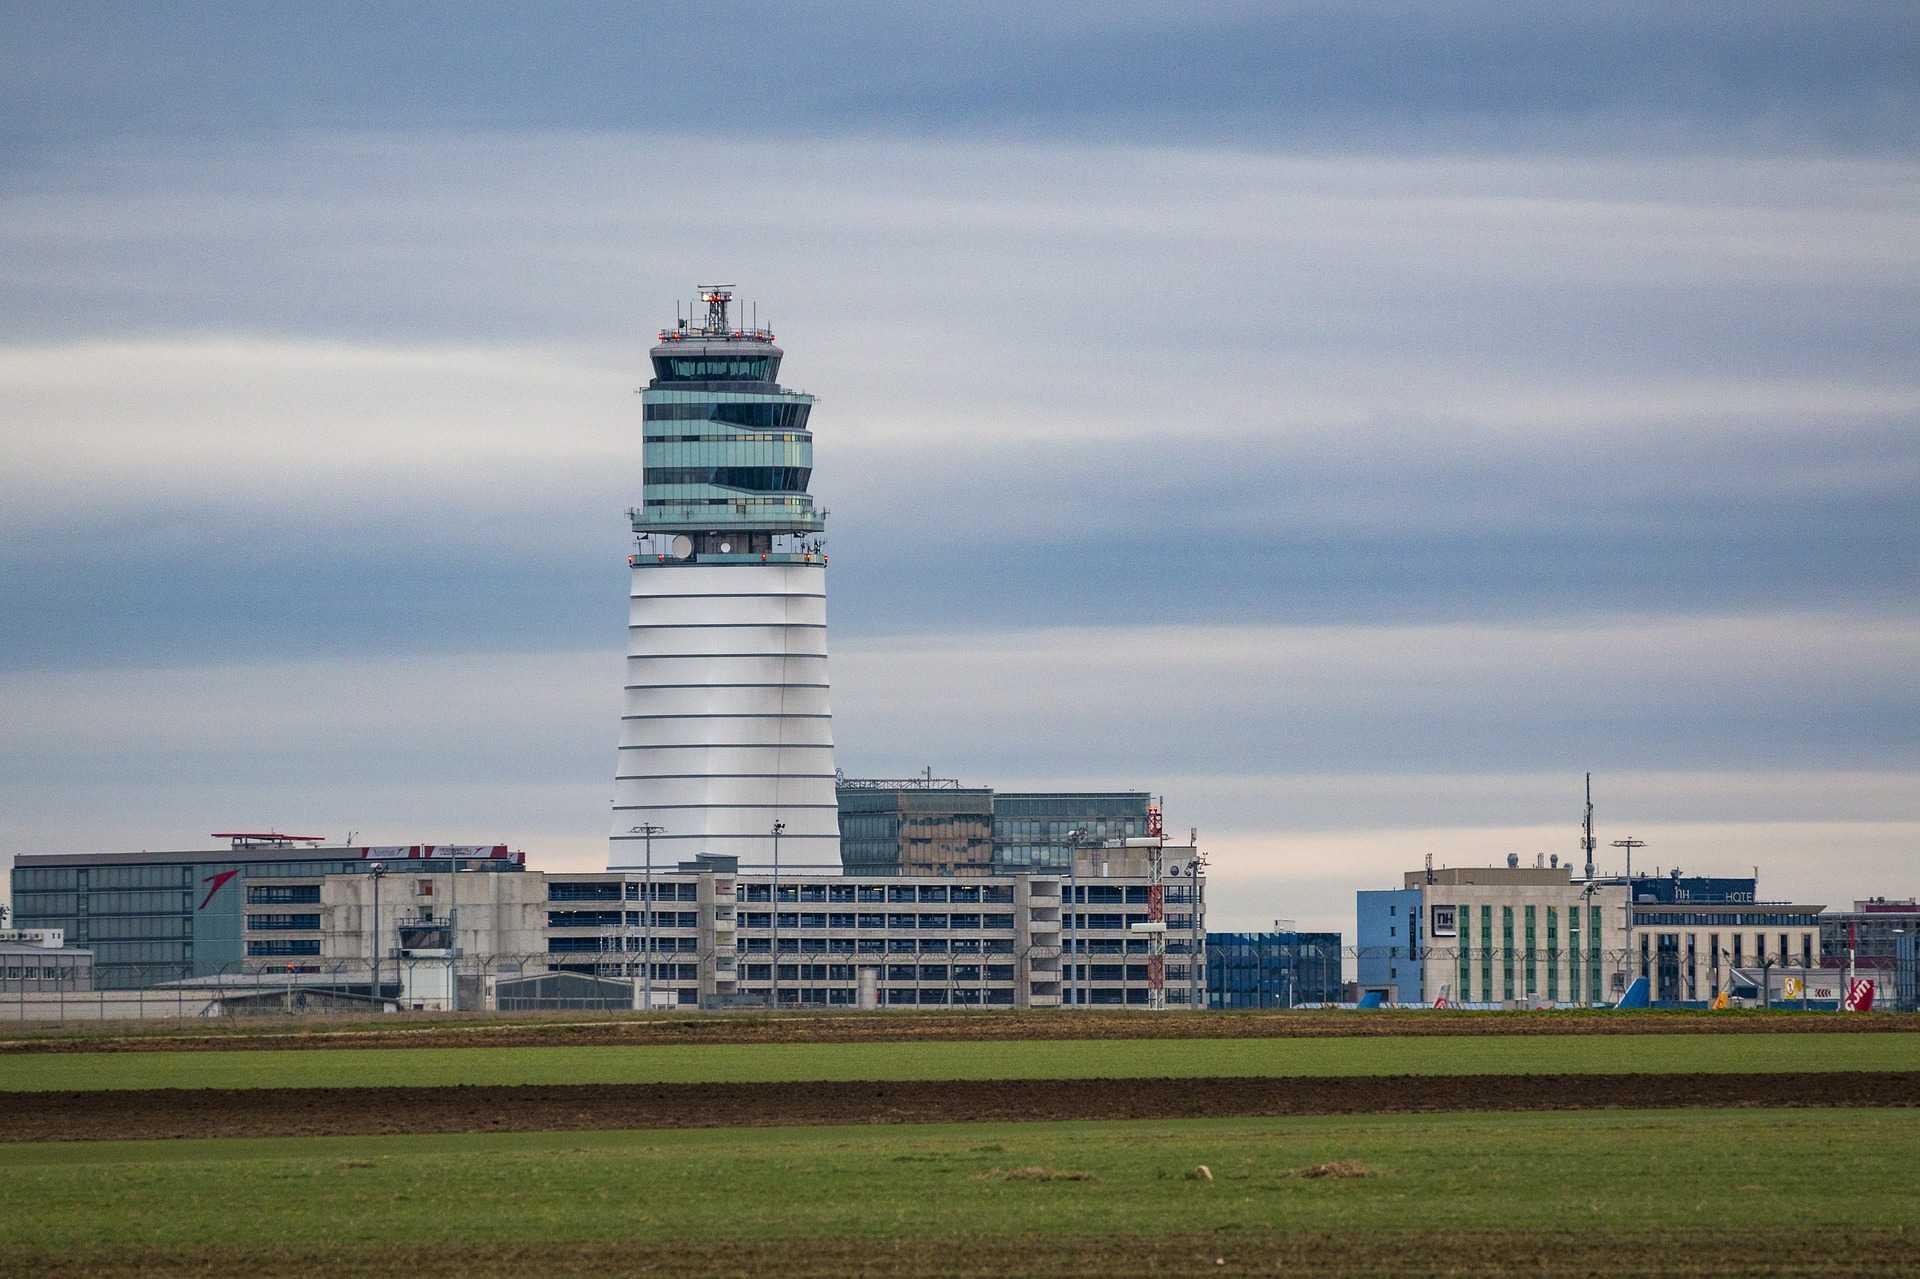 Flughafen Wien Tower und Gelände